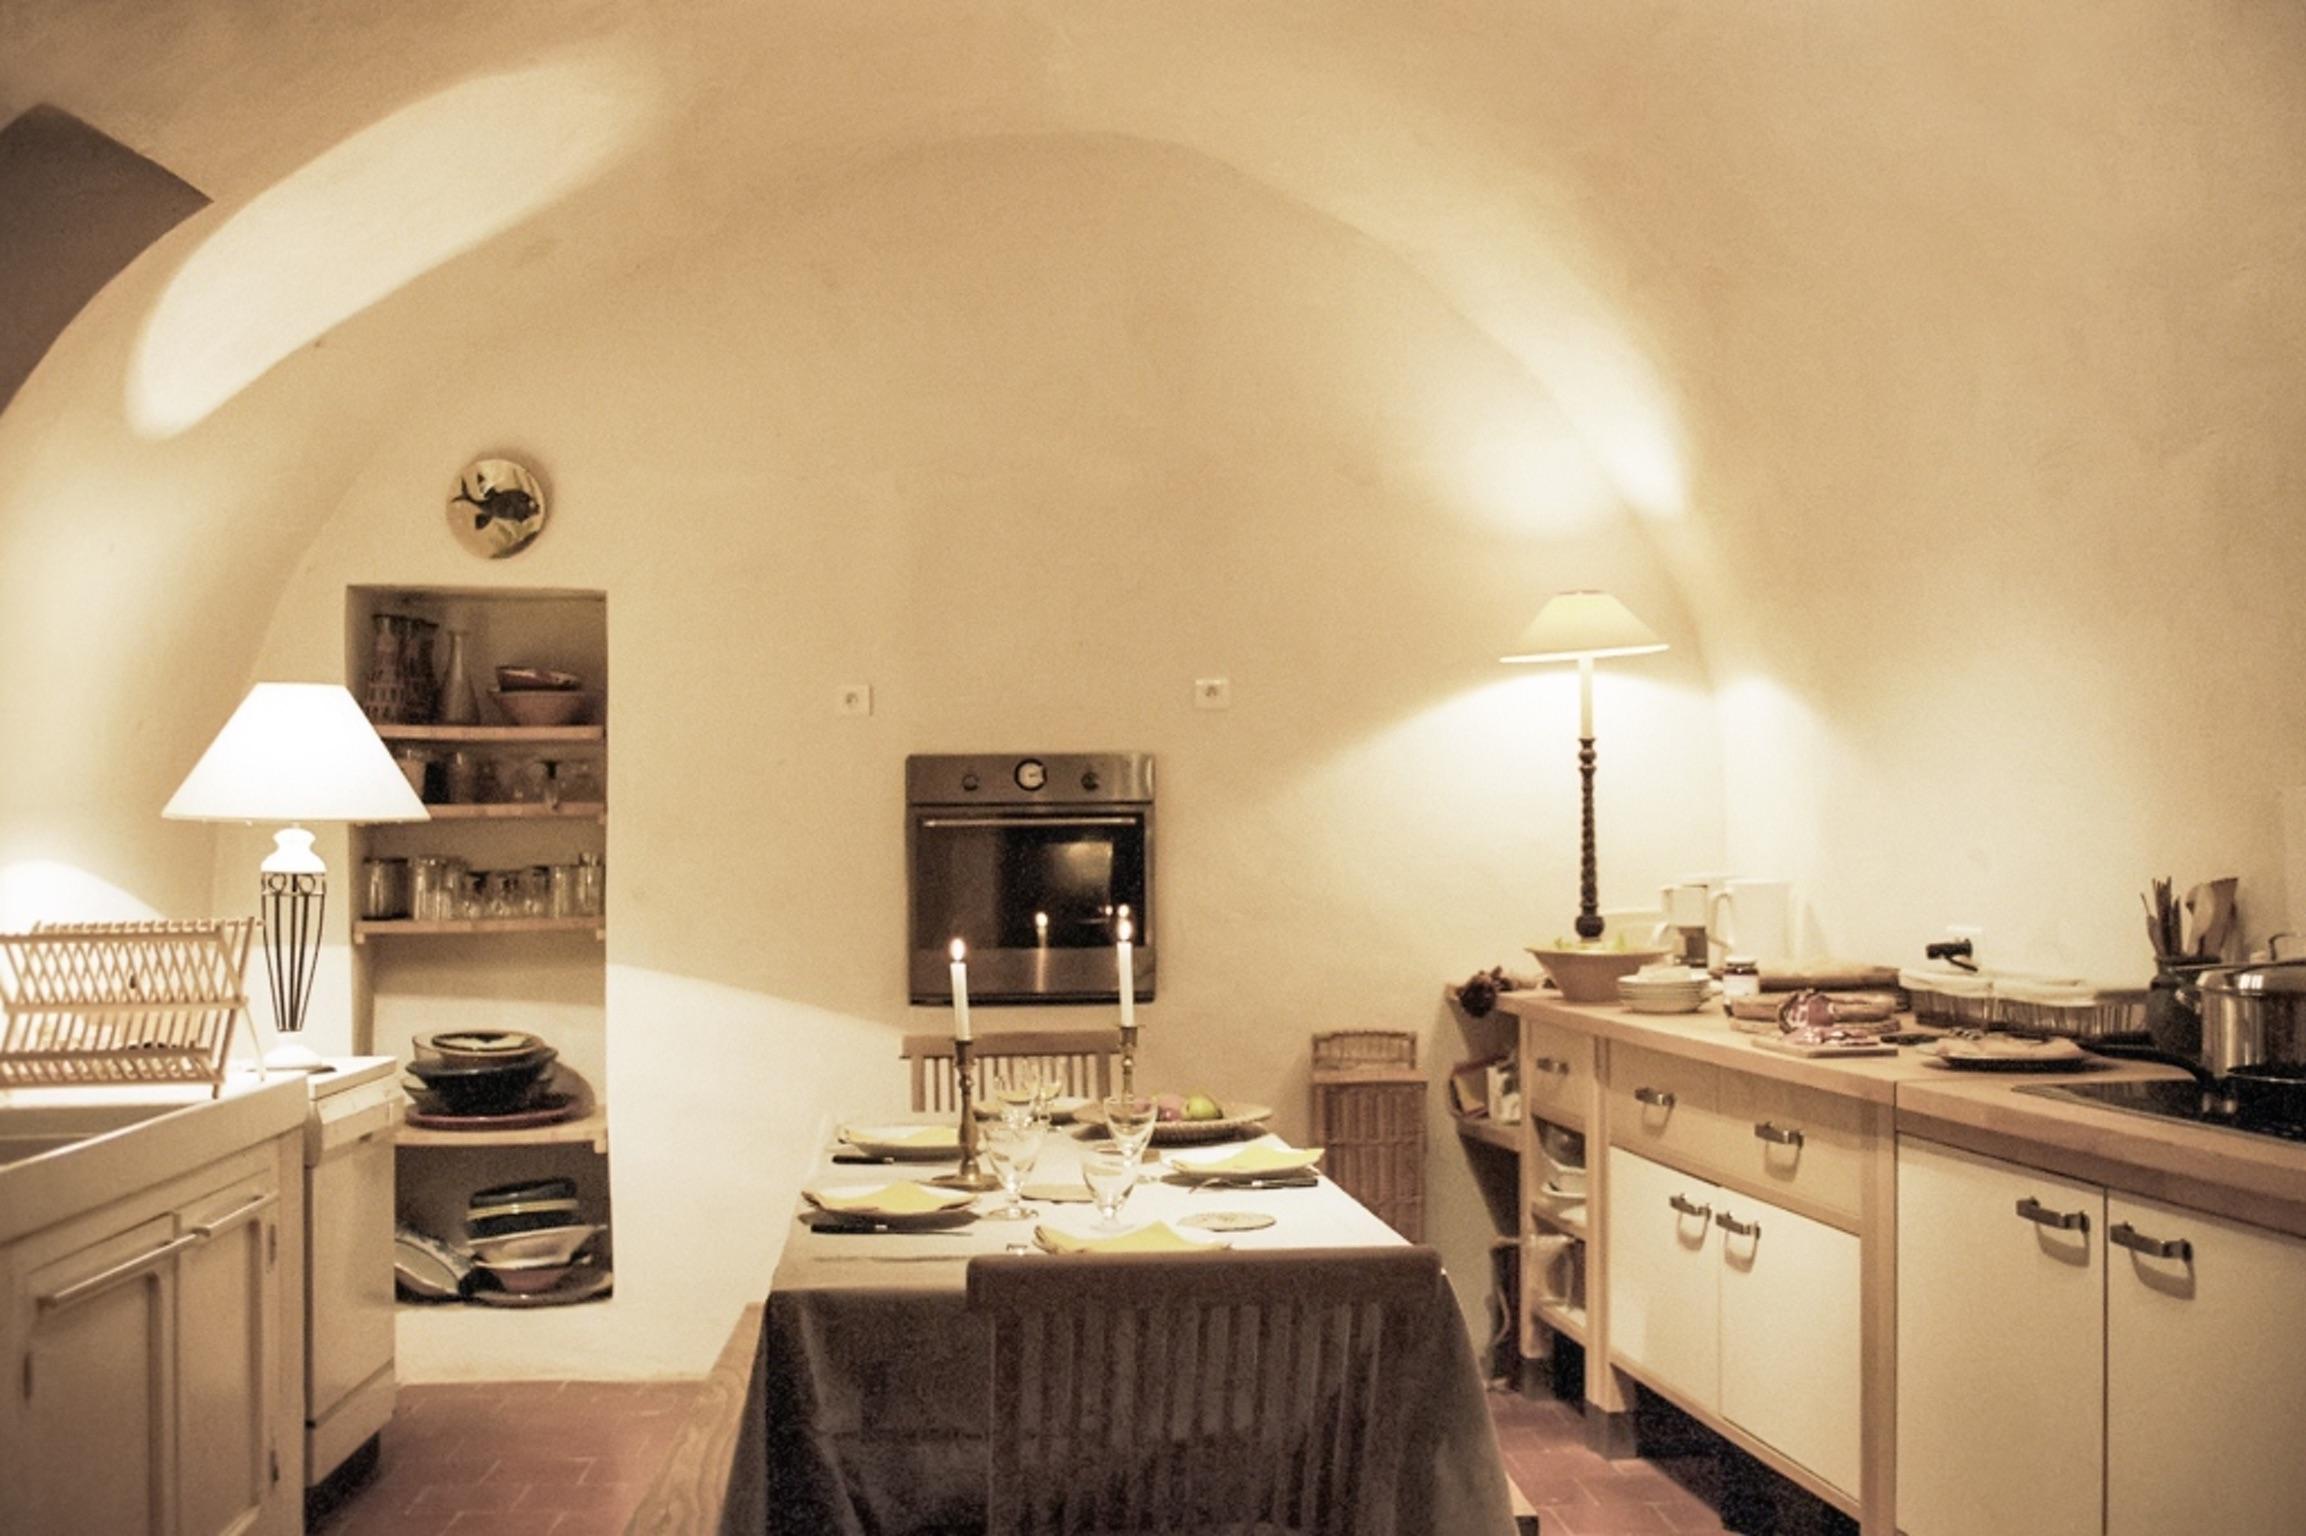 Ferienhaus Herrliches Haus mit neun Schlafzimmern und grandiosem Blick aufs Meer im hübschen Dörfchen (2202571), Centuri, Nordkorsika, Korsika, Frankreich, Bild 9